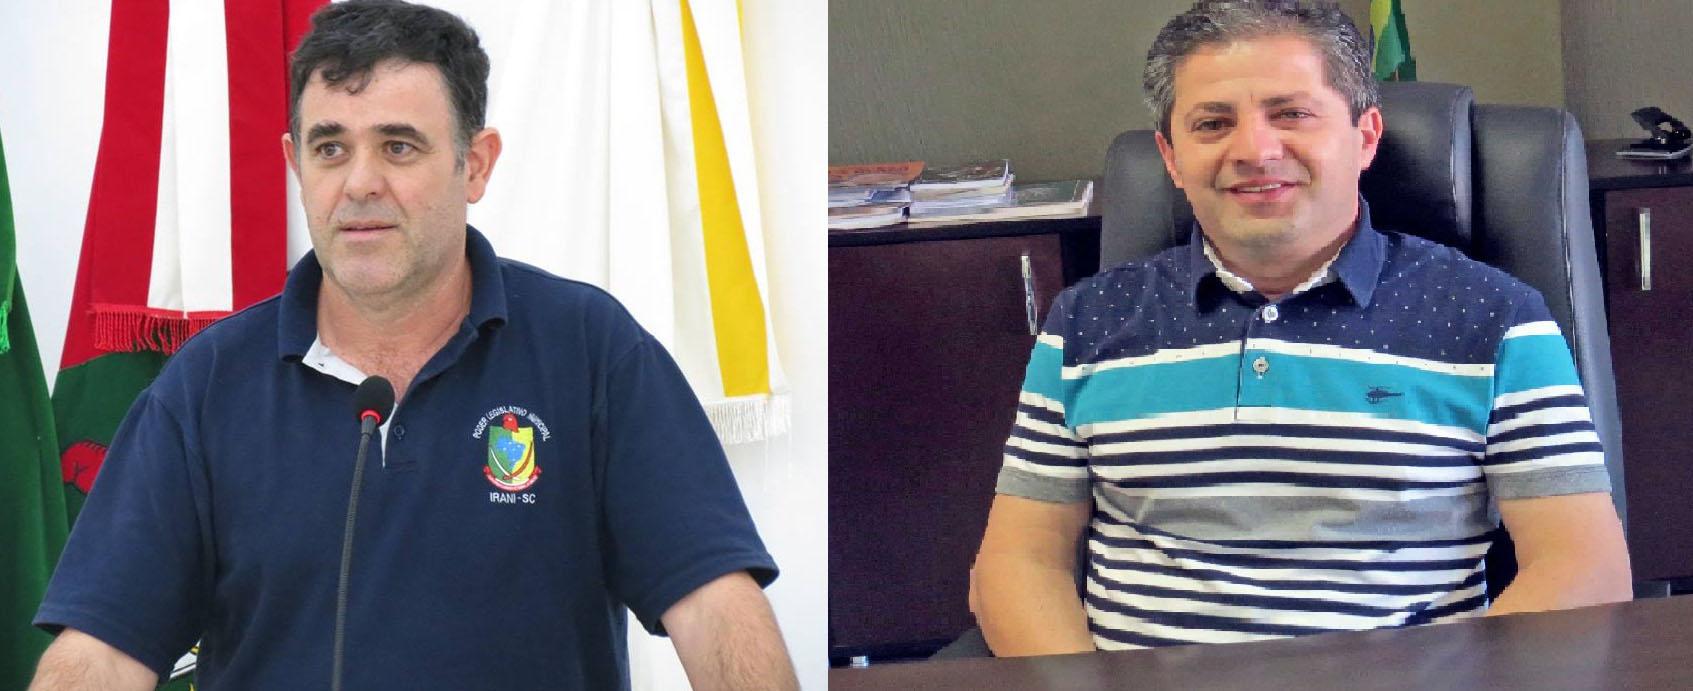 Vereador de Irani convida prefeito para sabatina na Câmara